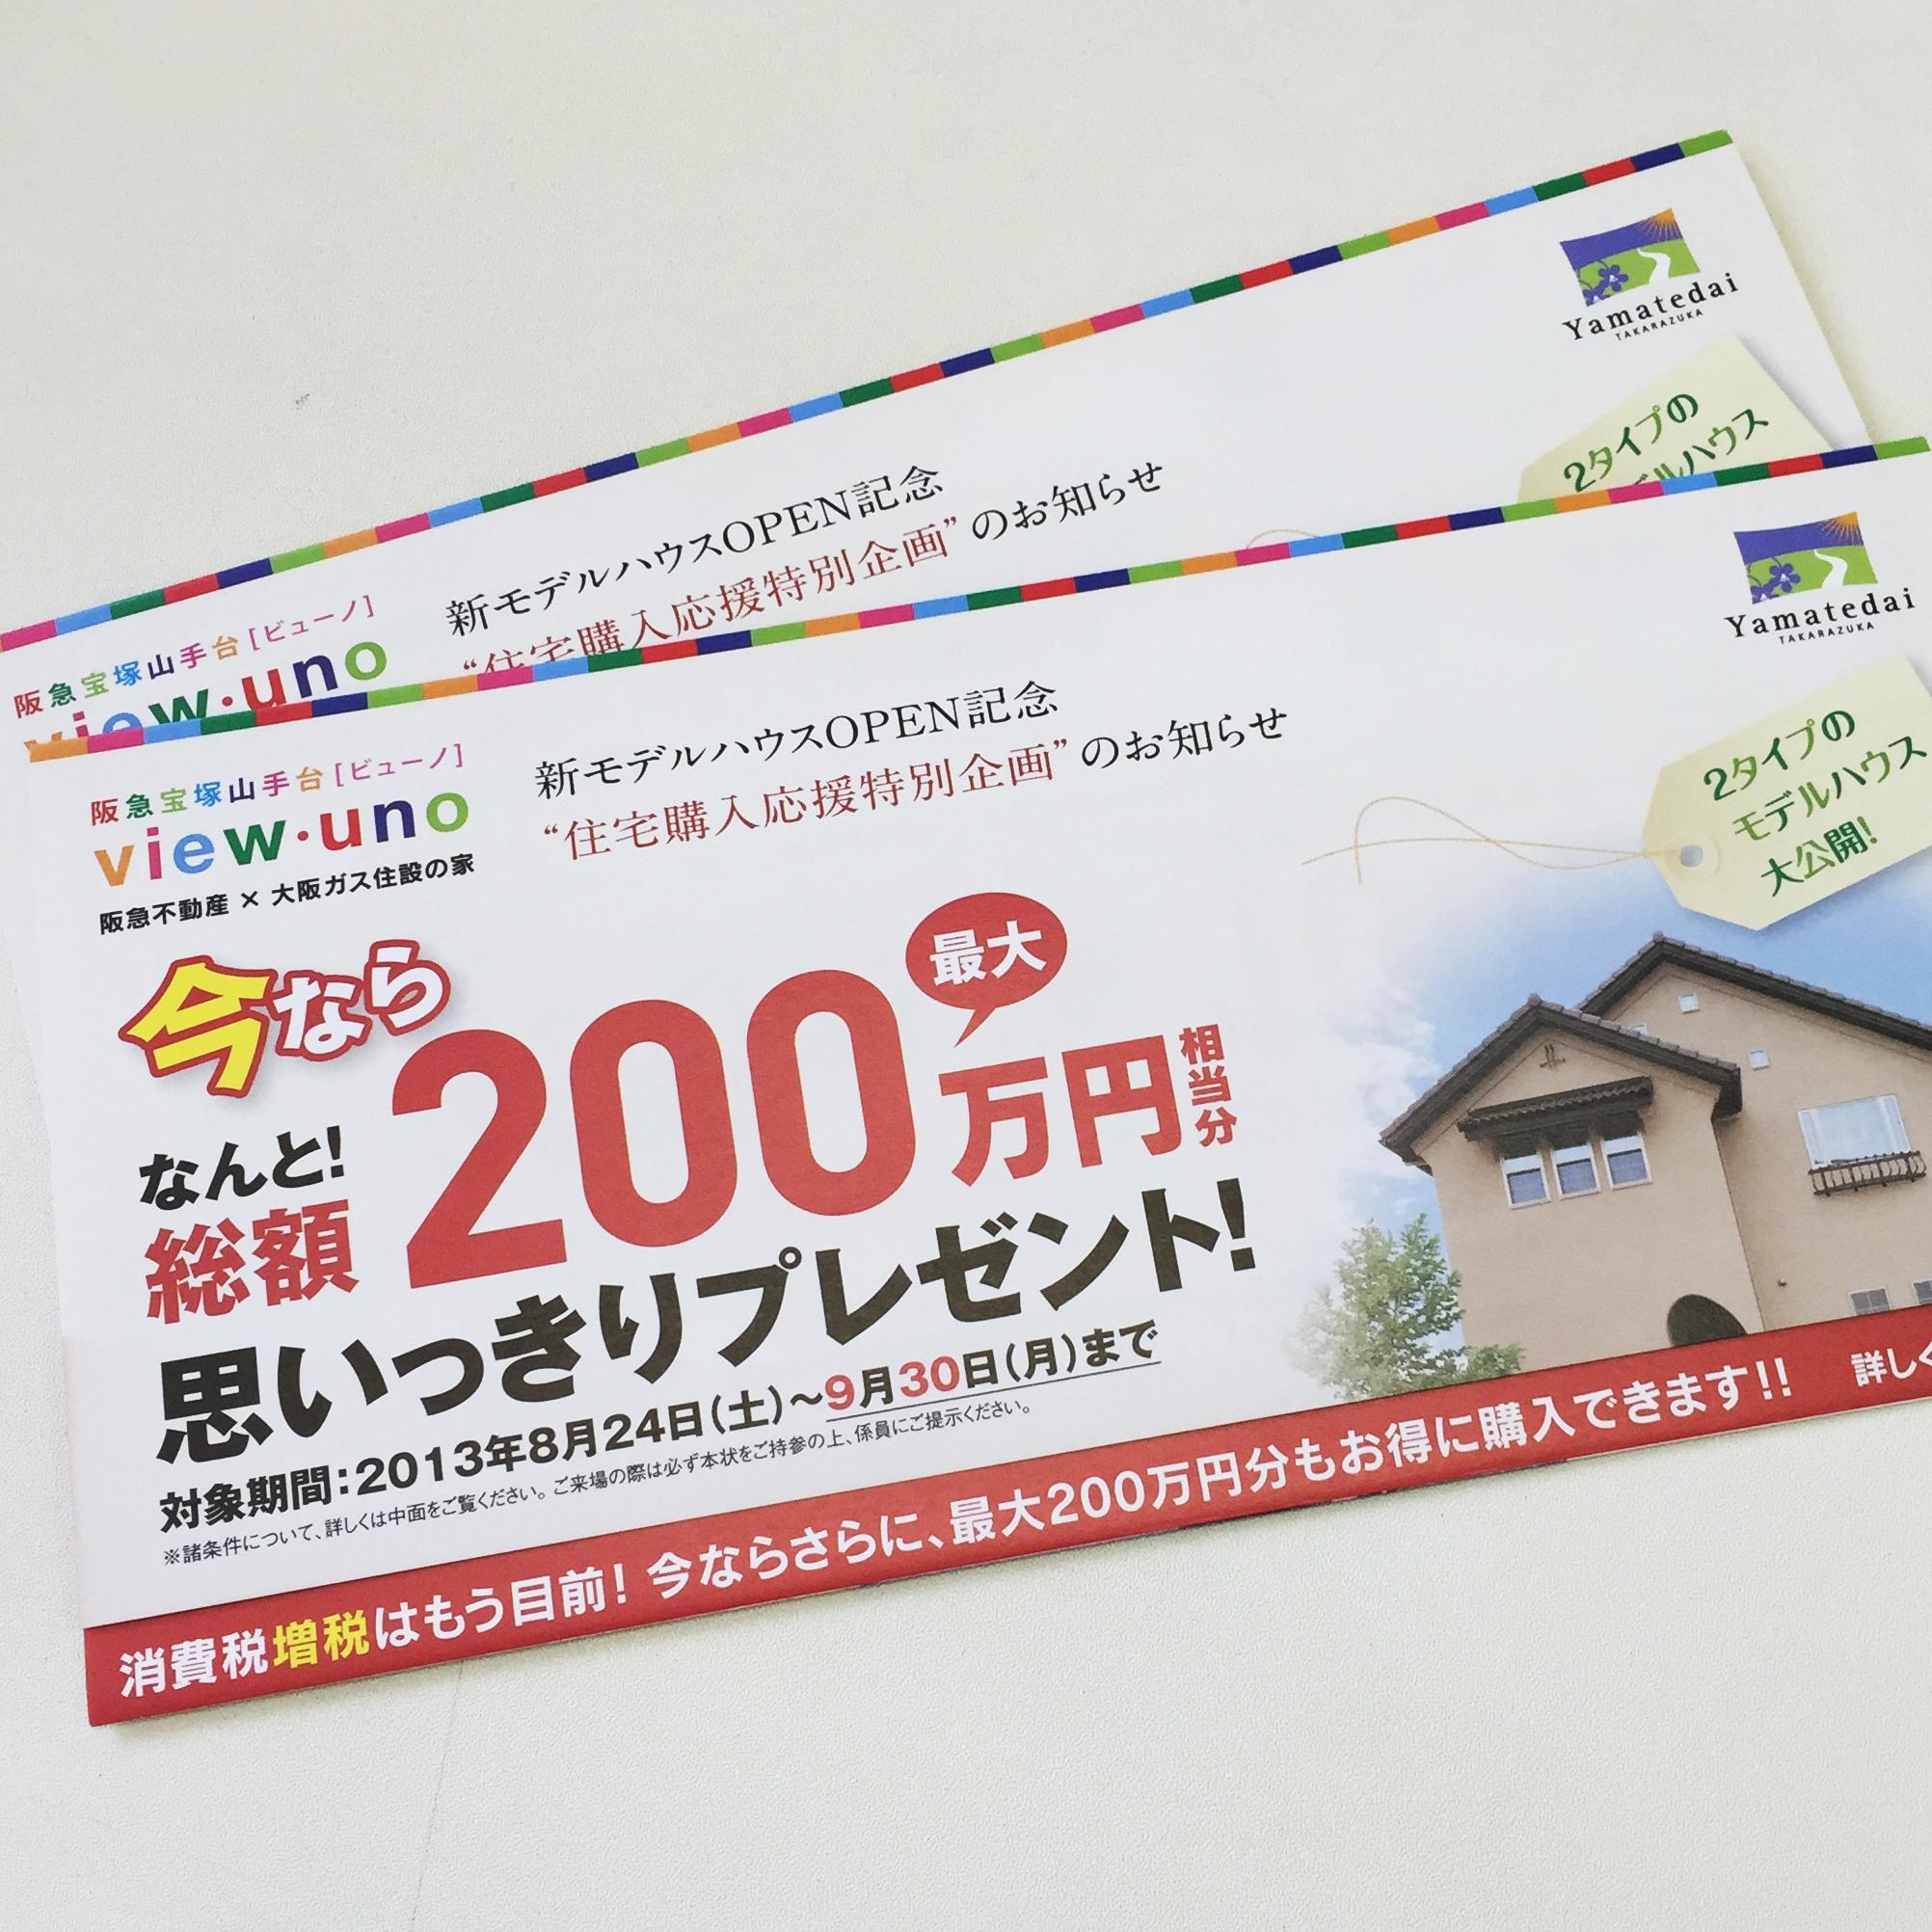 宝塚山手台 キャンペーンDM